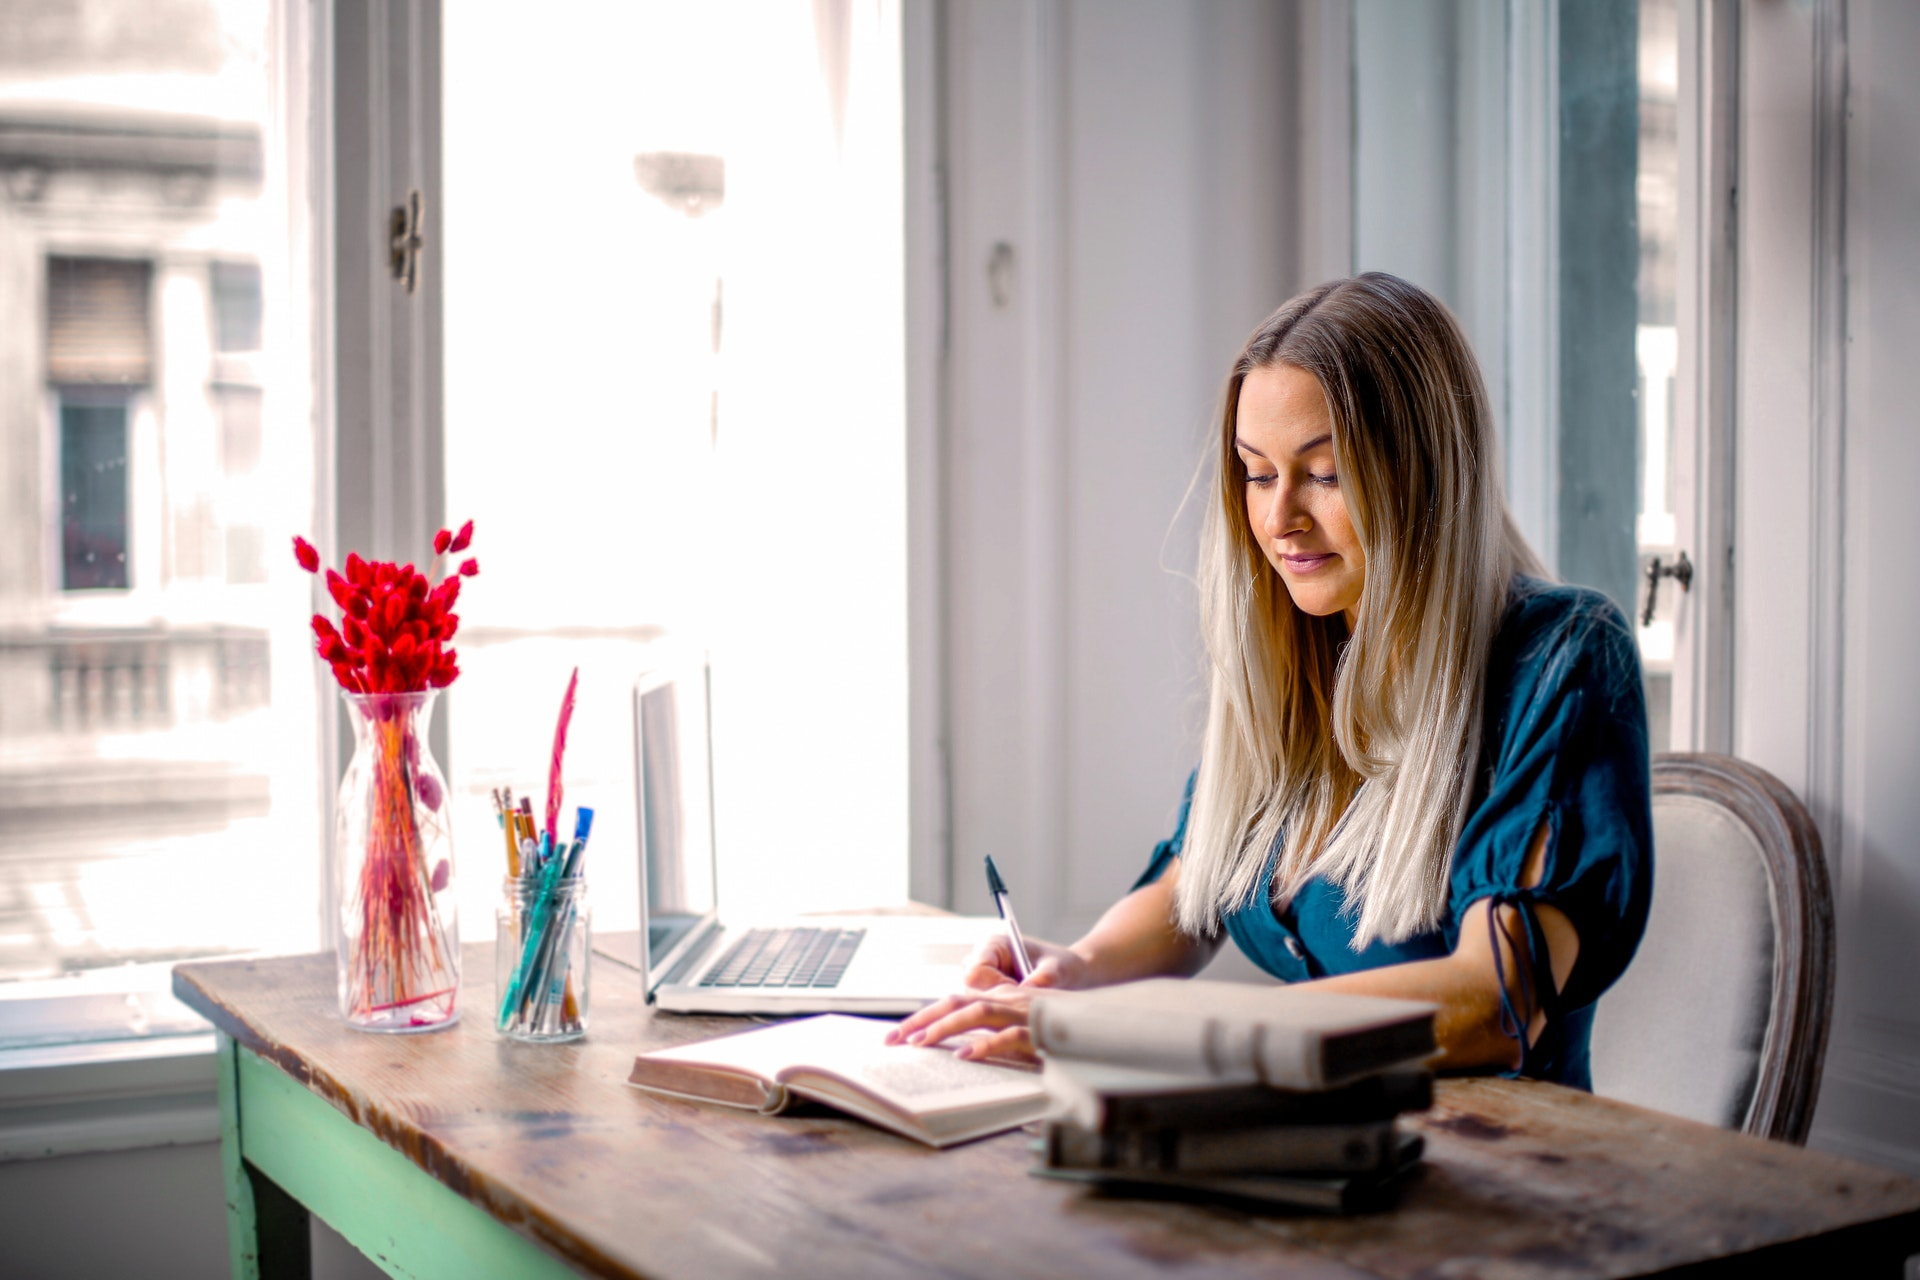 Vemos uma mulher em uma mesa de escritório, em casa, enquanto realiza algumas anotações (imagem ilustrativa). Texto: melhores negócios home office.